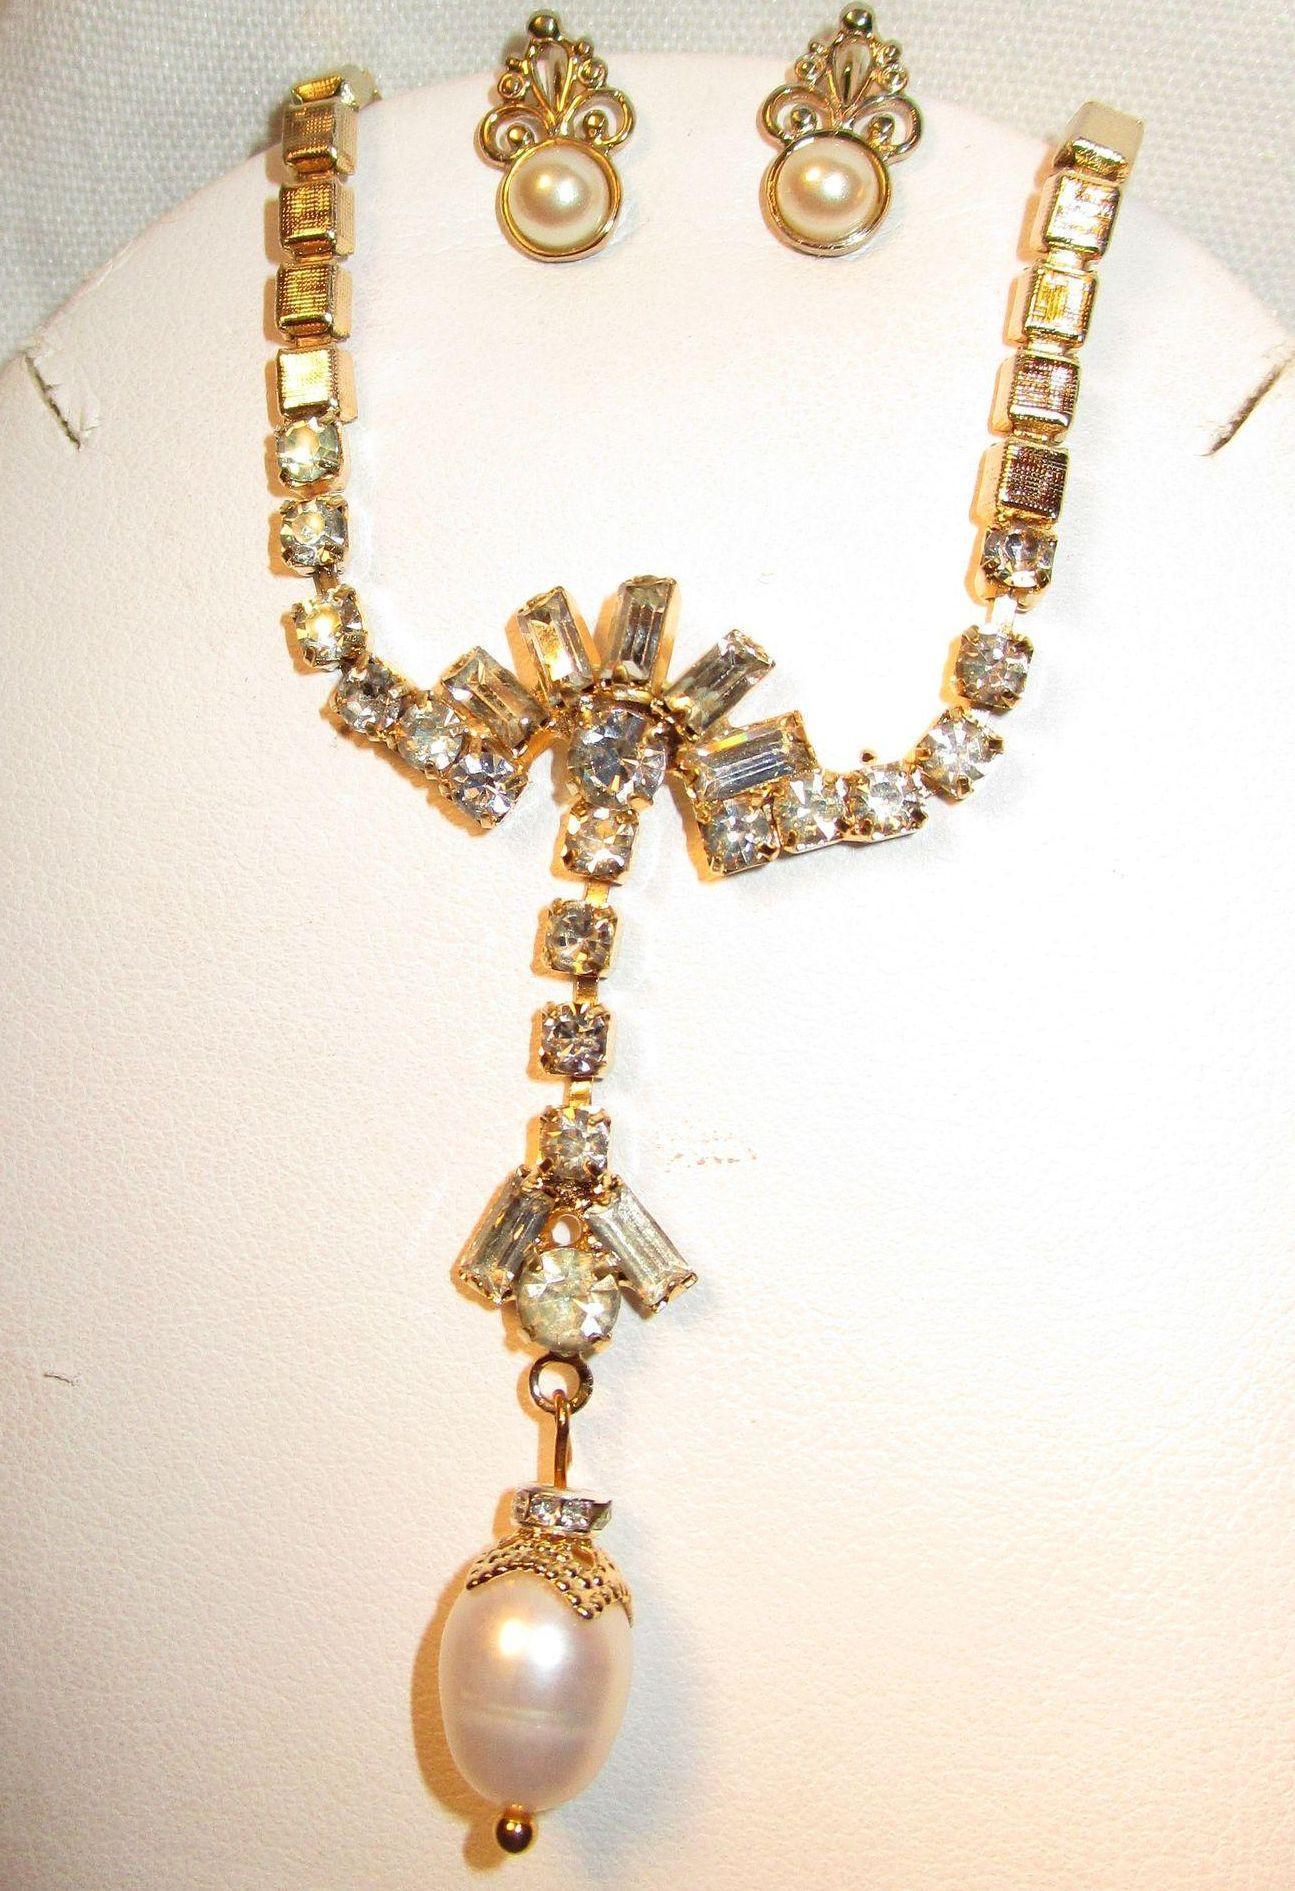 Vintage Rhinestone/Freshwater Pearl Brushed Goldtone Necklace Earring Set